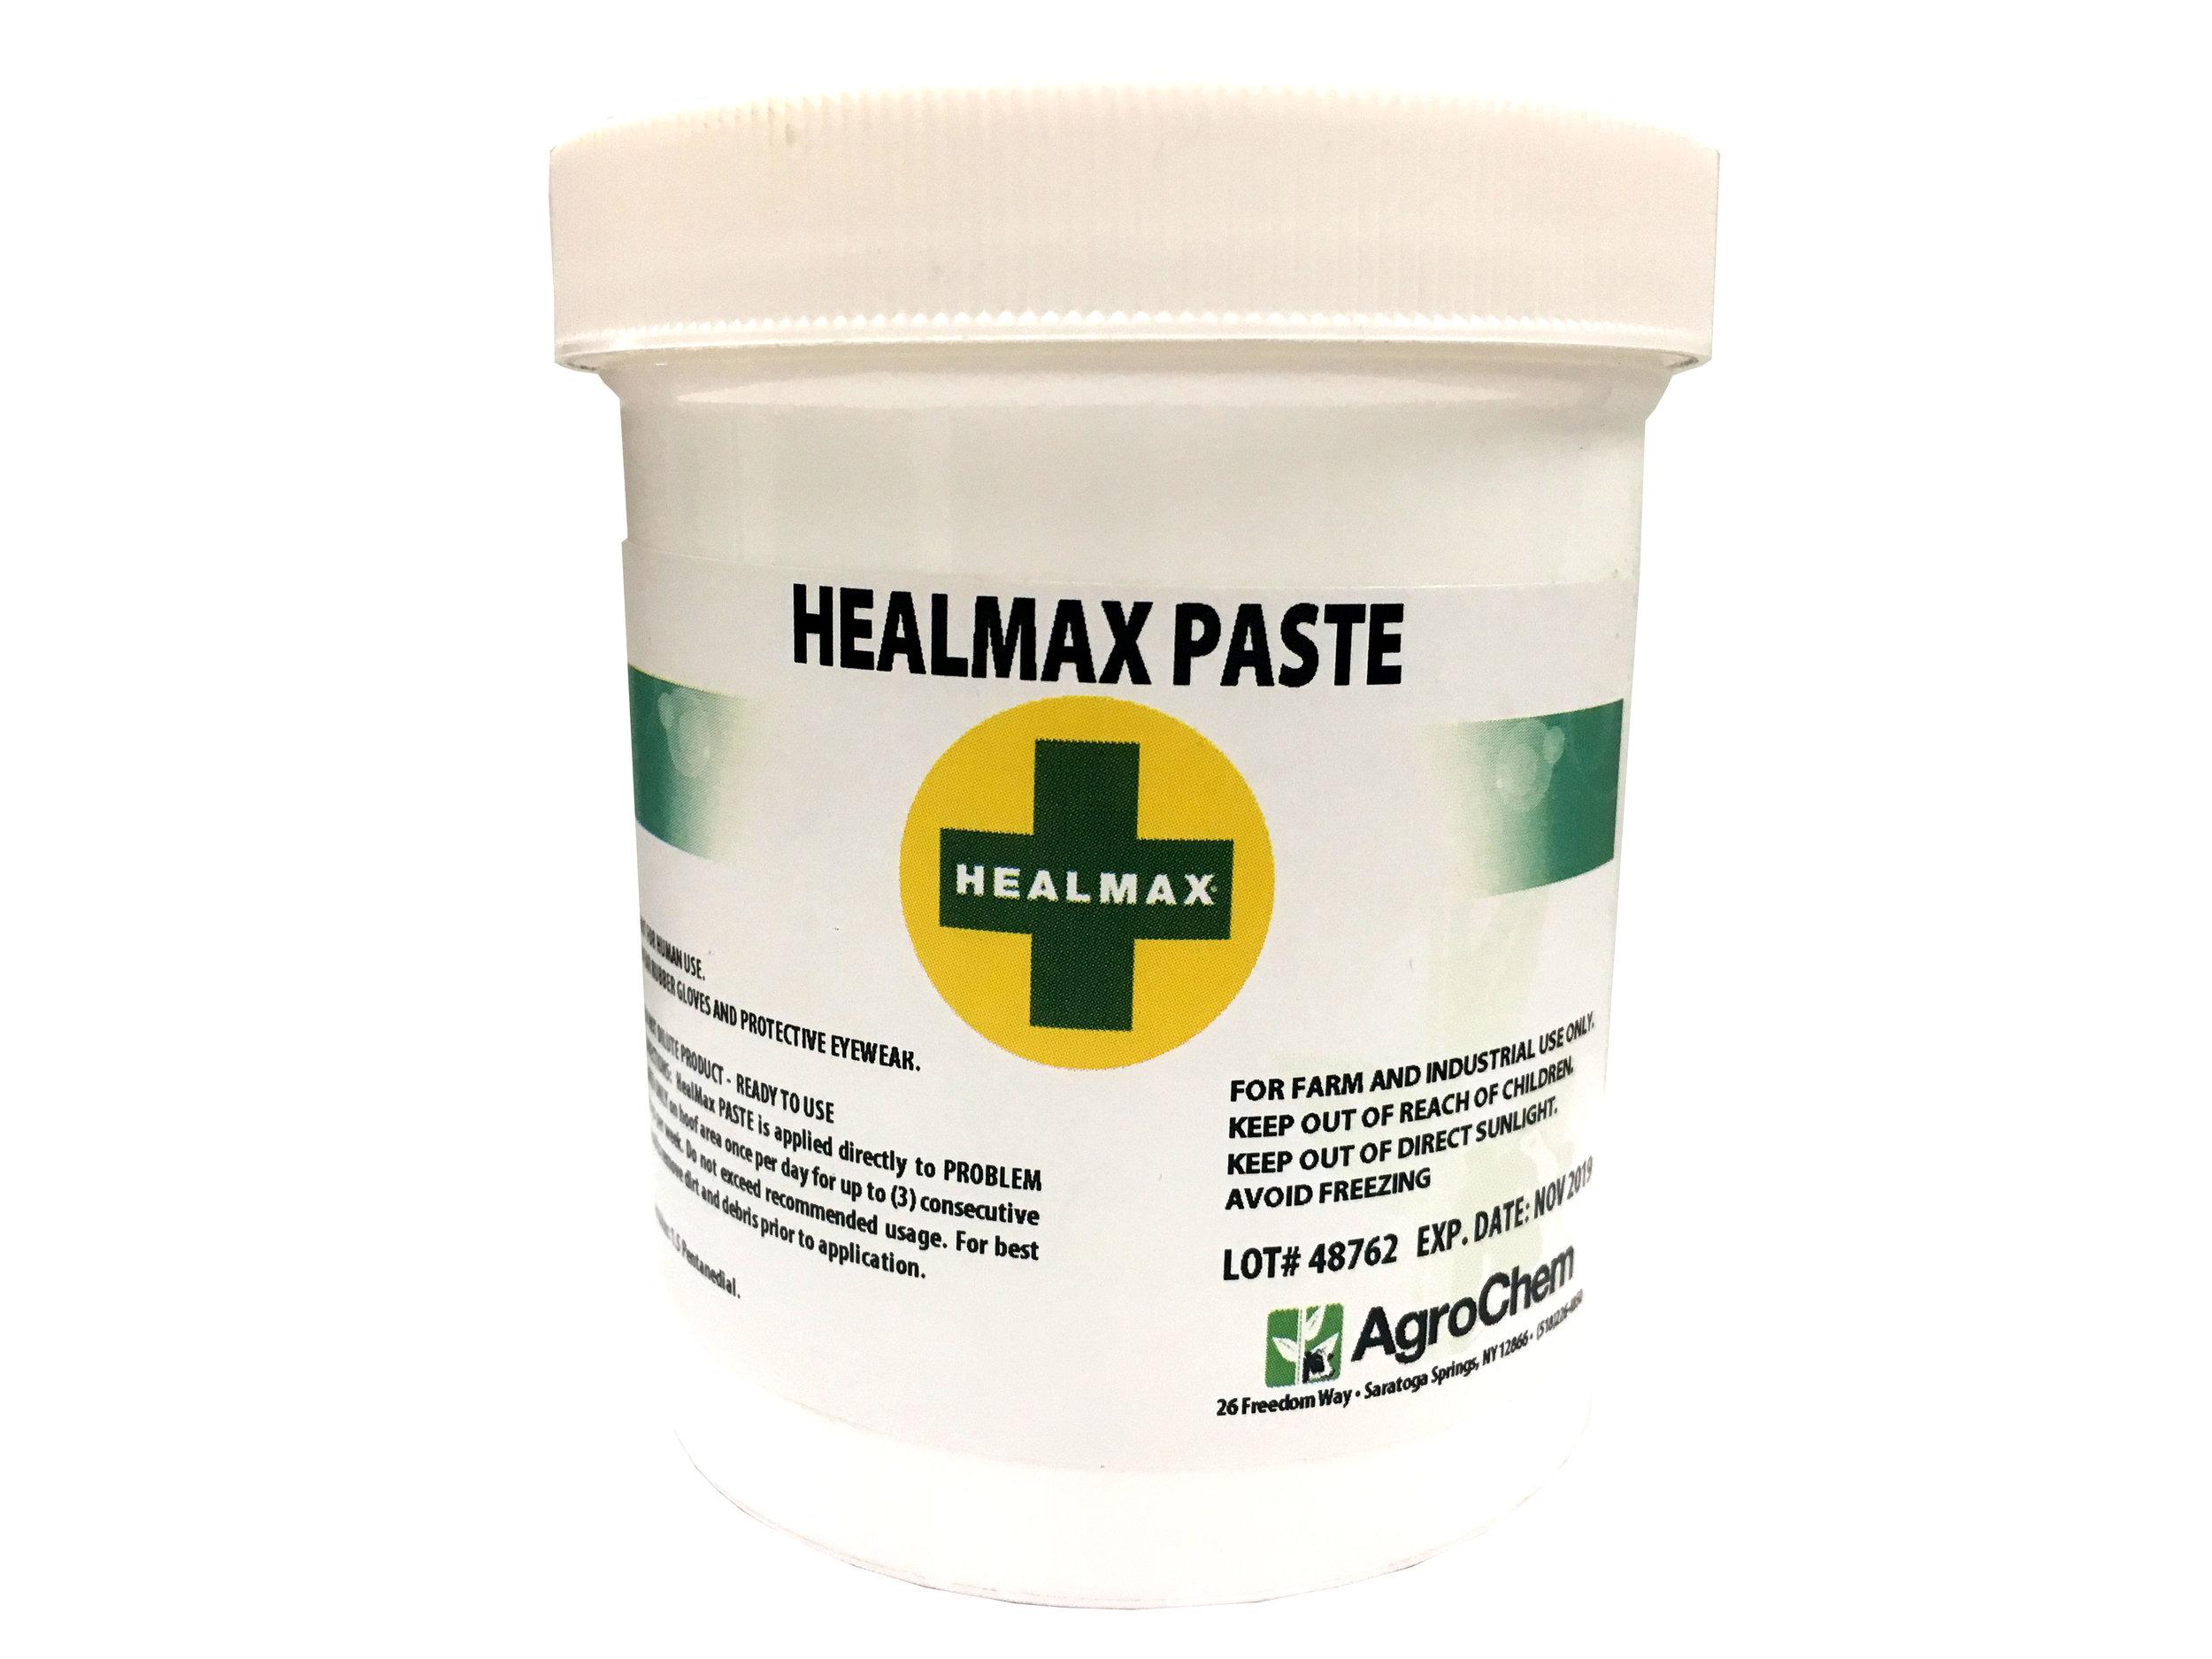 HEALMAXPaste_14oz.jpg